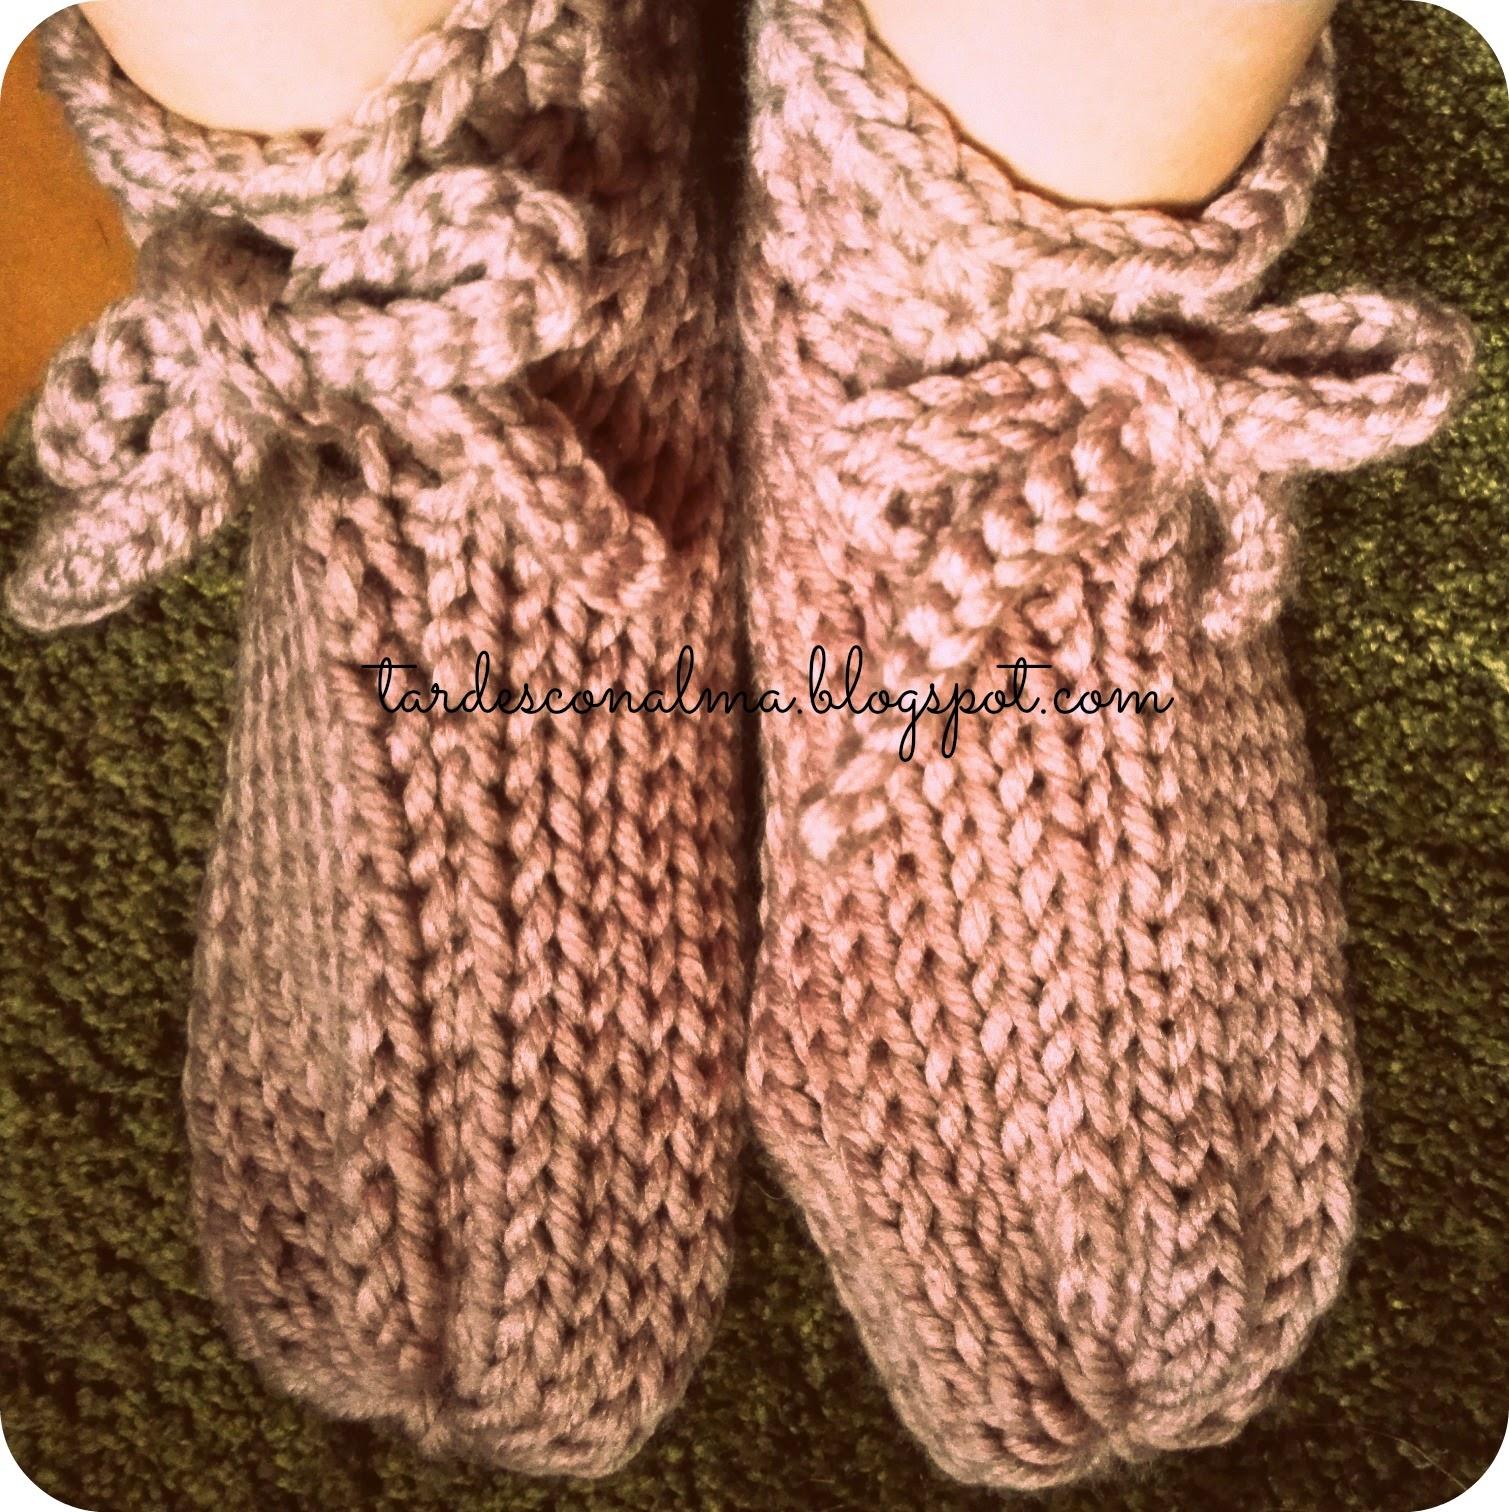 Tardes con alma patucos de lana modelo calceus - Puntos para calcetar ...